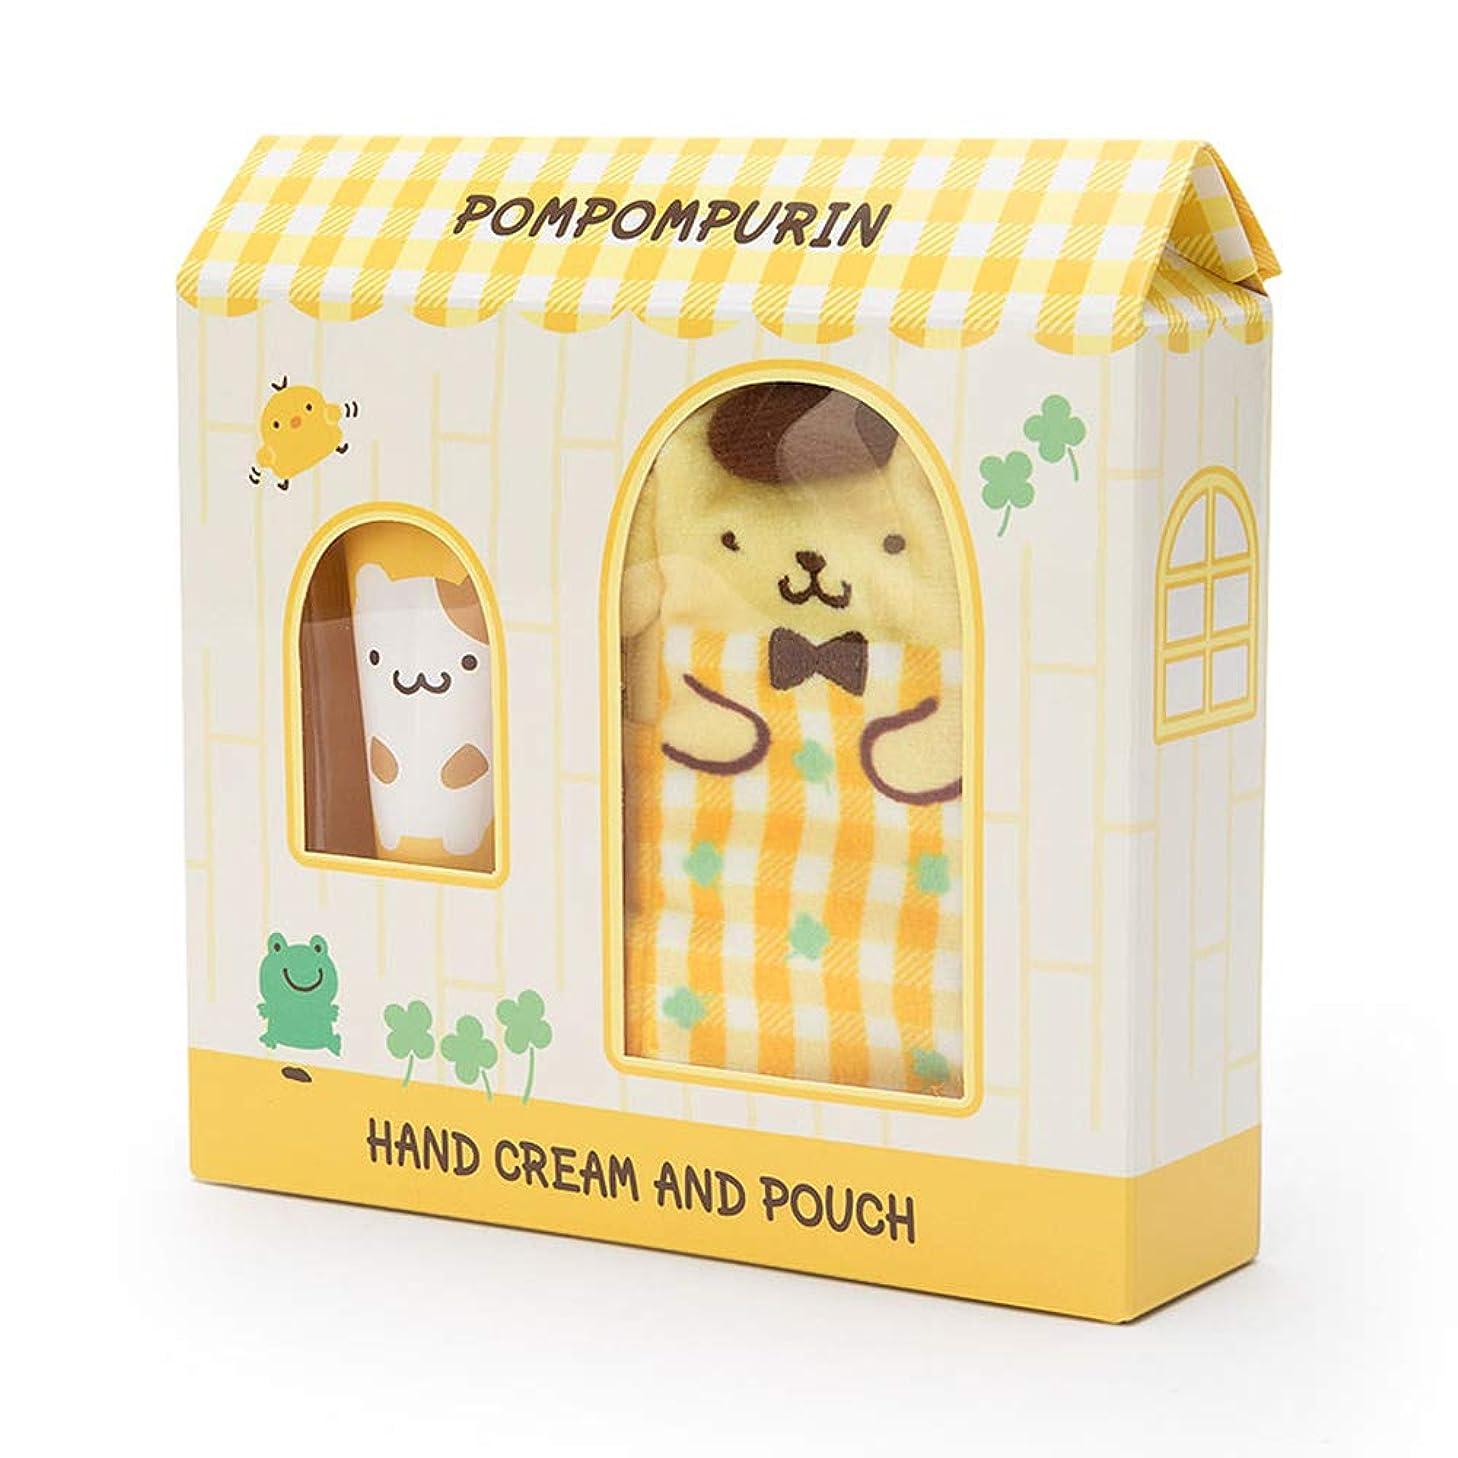 千ジャンク謙虚なポムポムプリン プチポーチ付きハンドクリーム